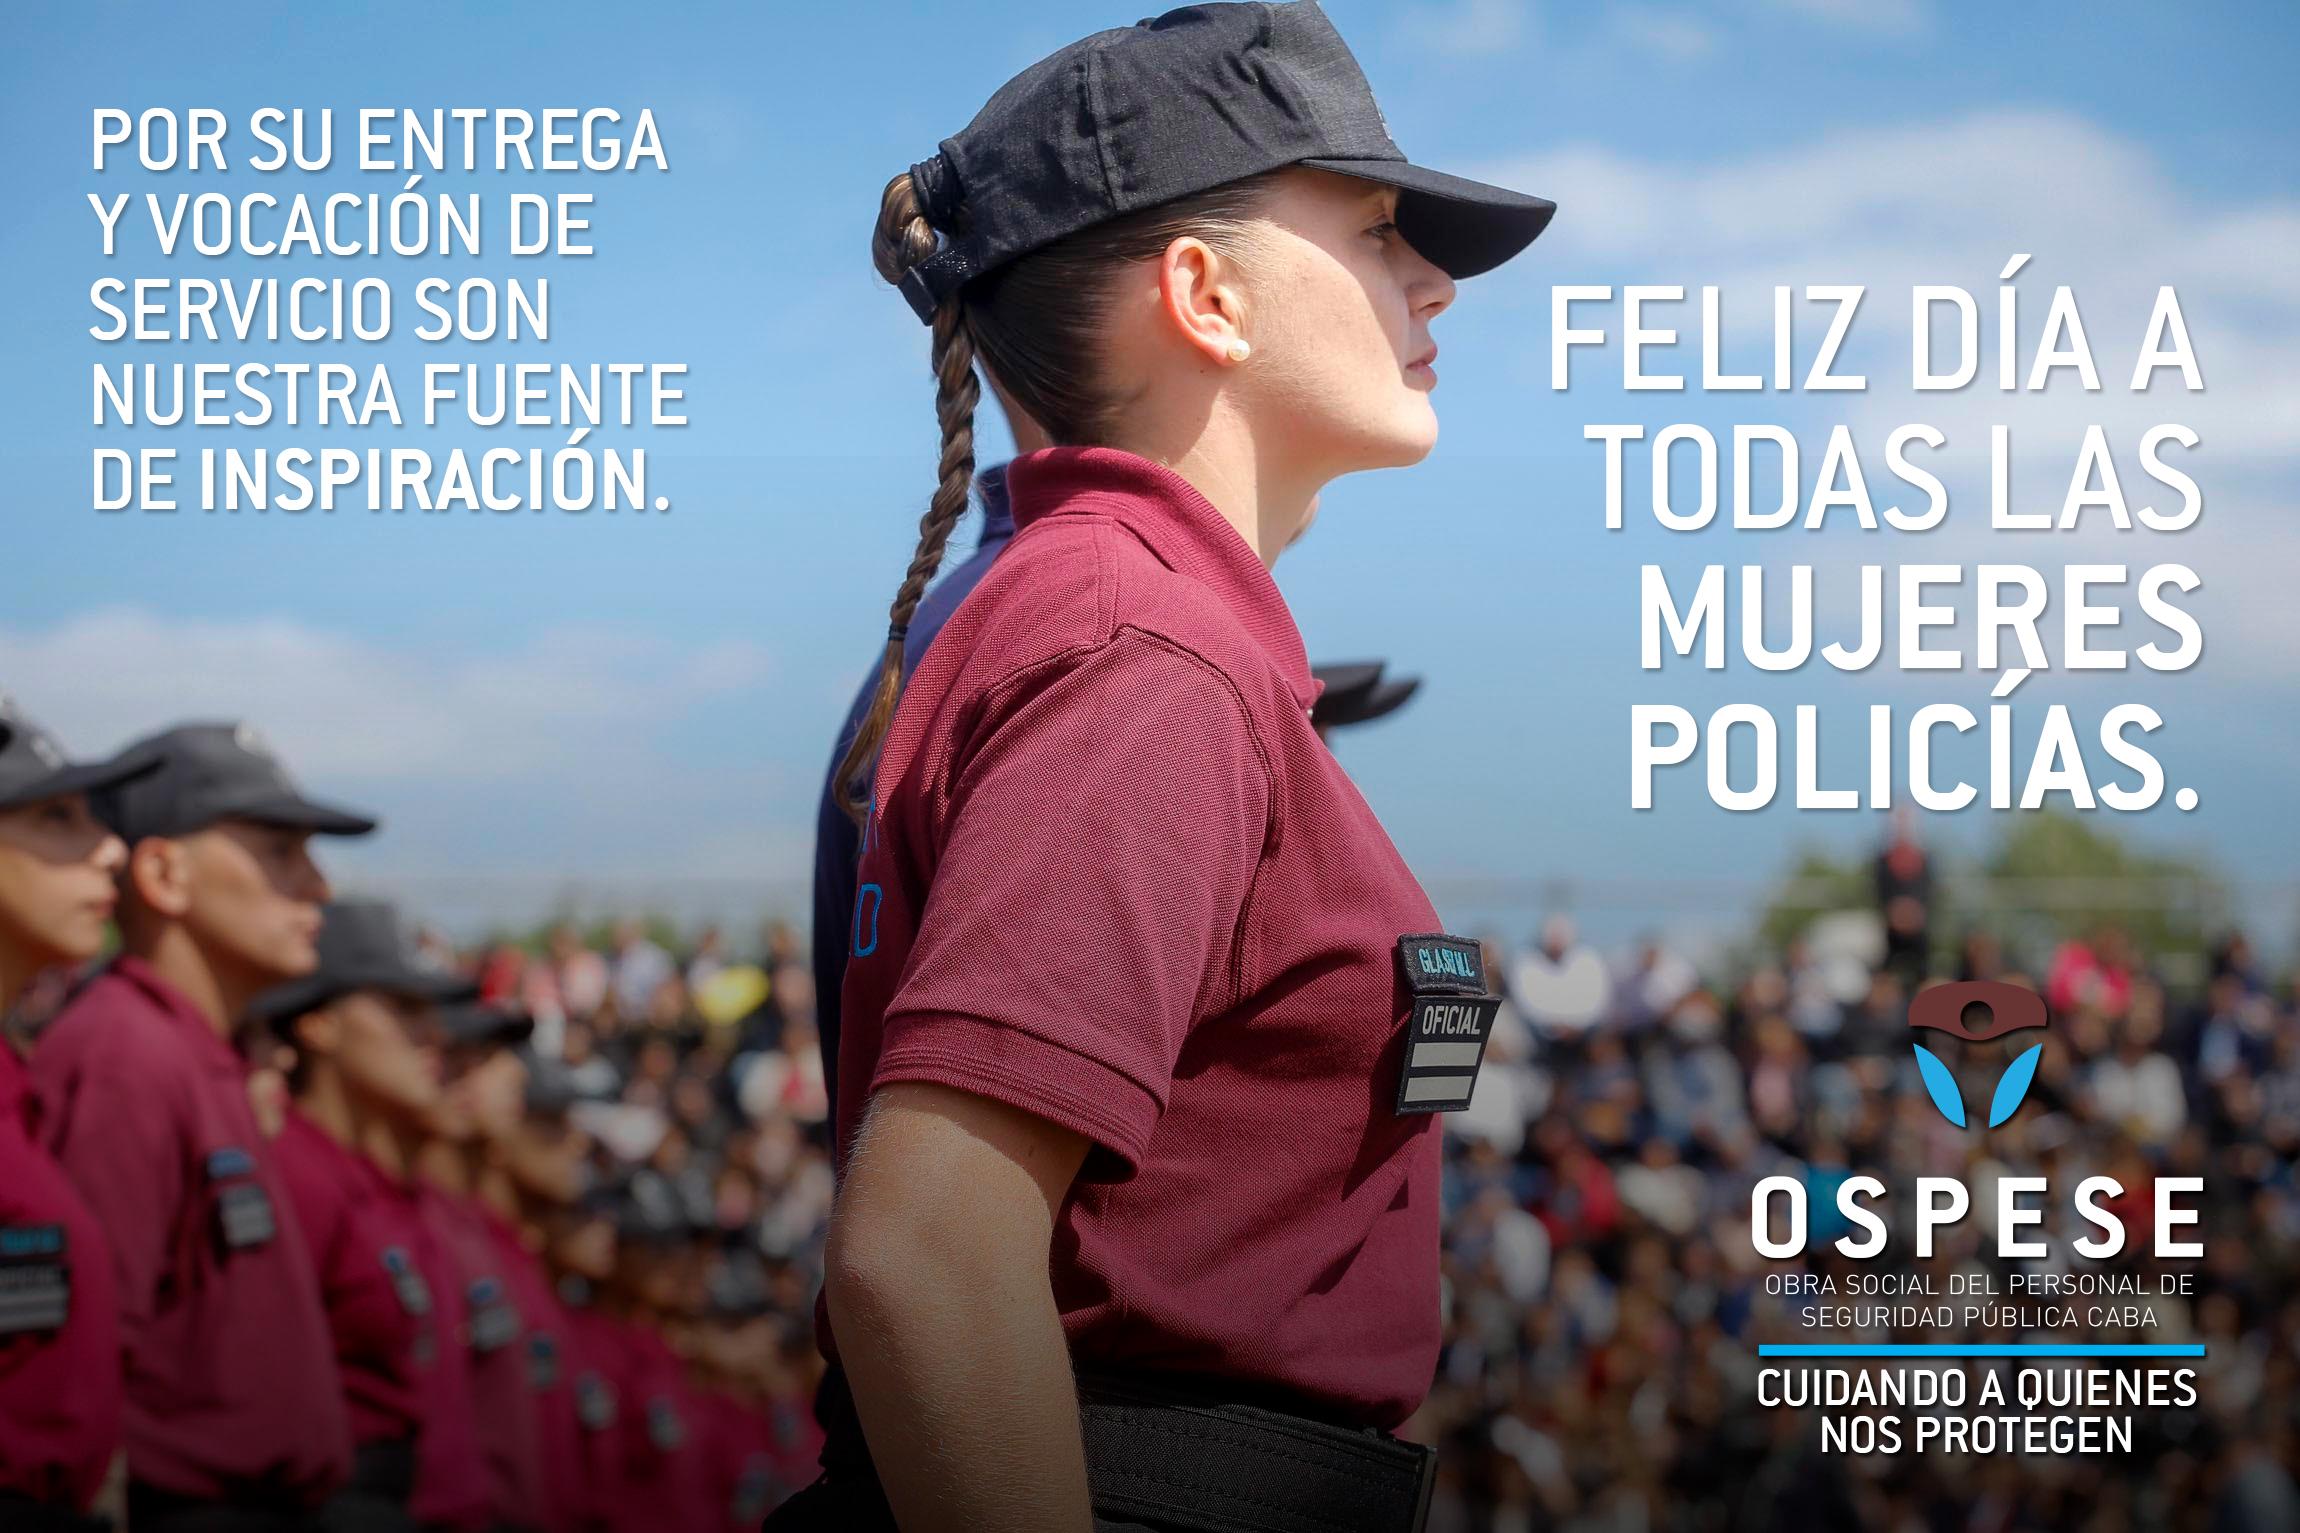 Ospese Les Desea Un Feliz Dia A Todas Las Mujeres Policias O S Pe Se La paridad no es una realidad hoy día. ospese les desea un feliz dia a todas las mujeres policias o s pe se